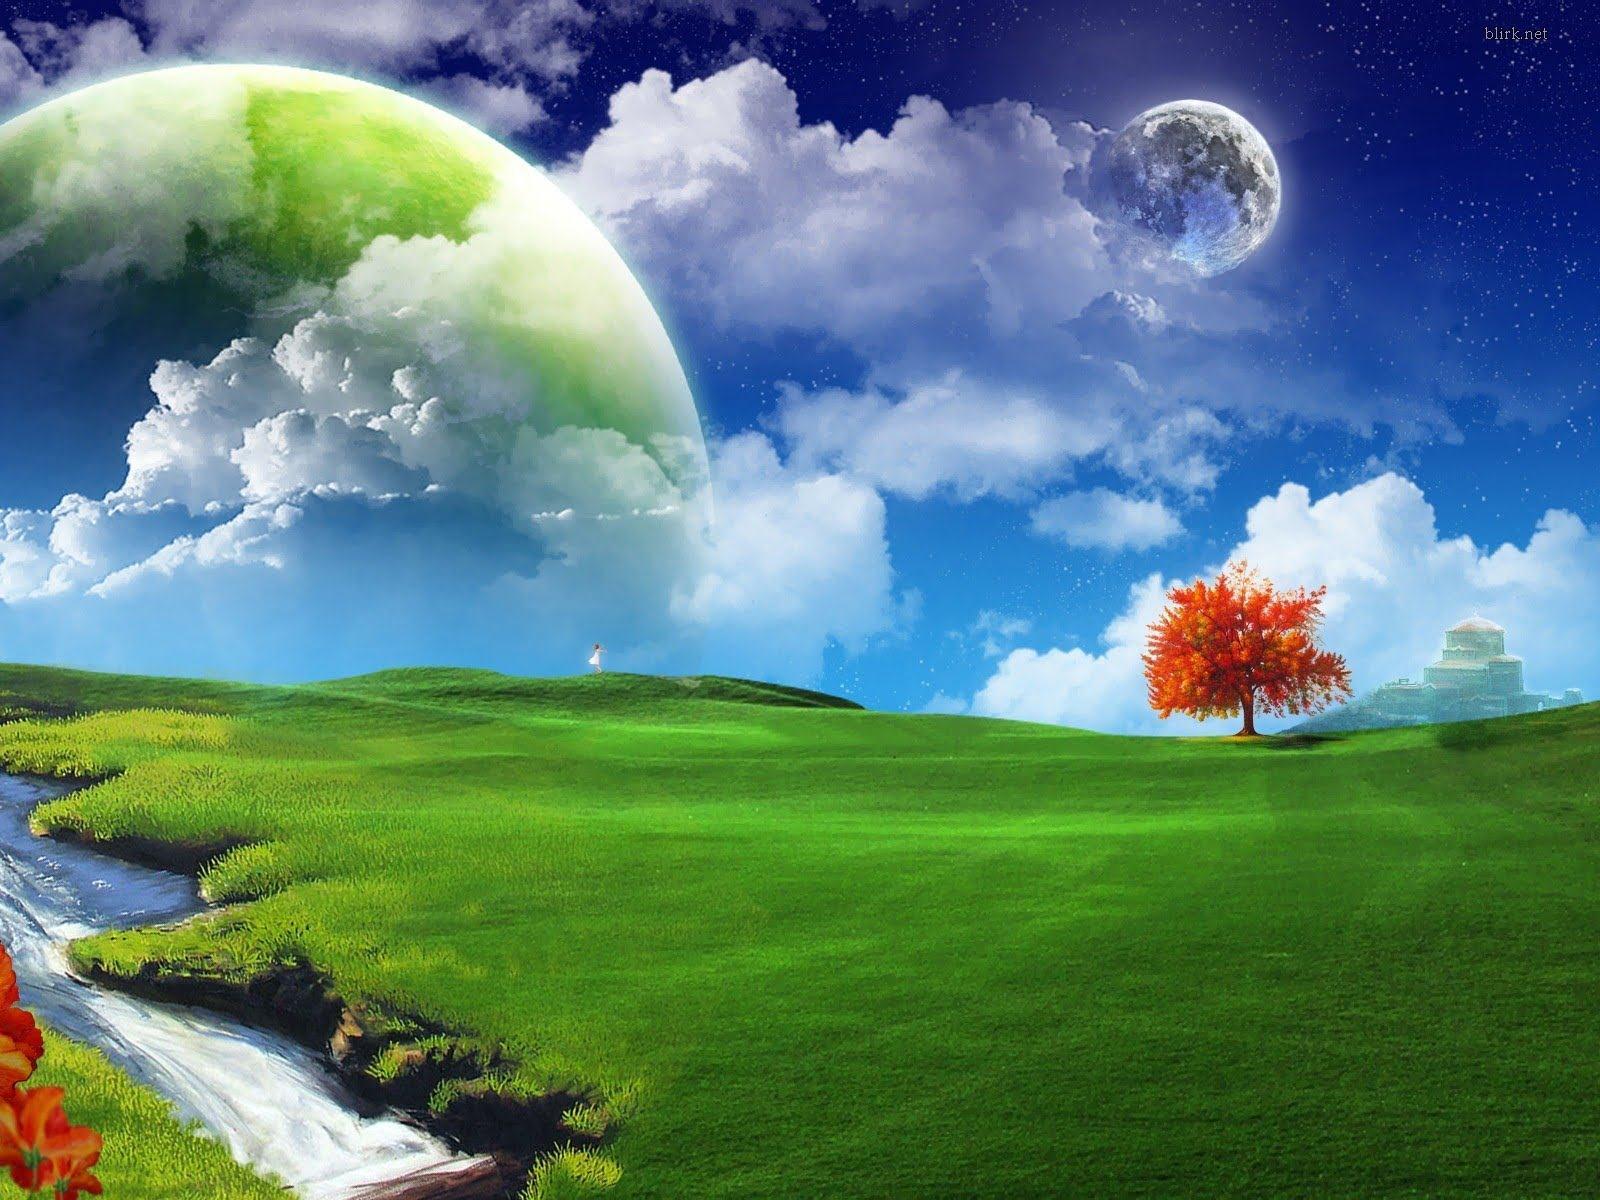 明亮的自然风光带来了极大的感受